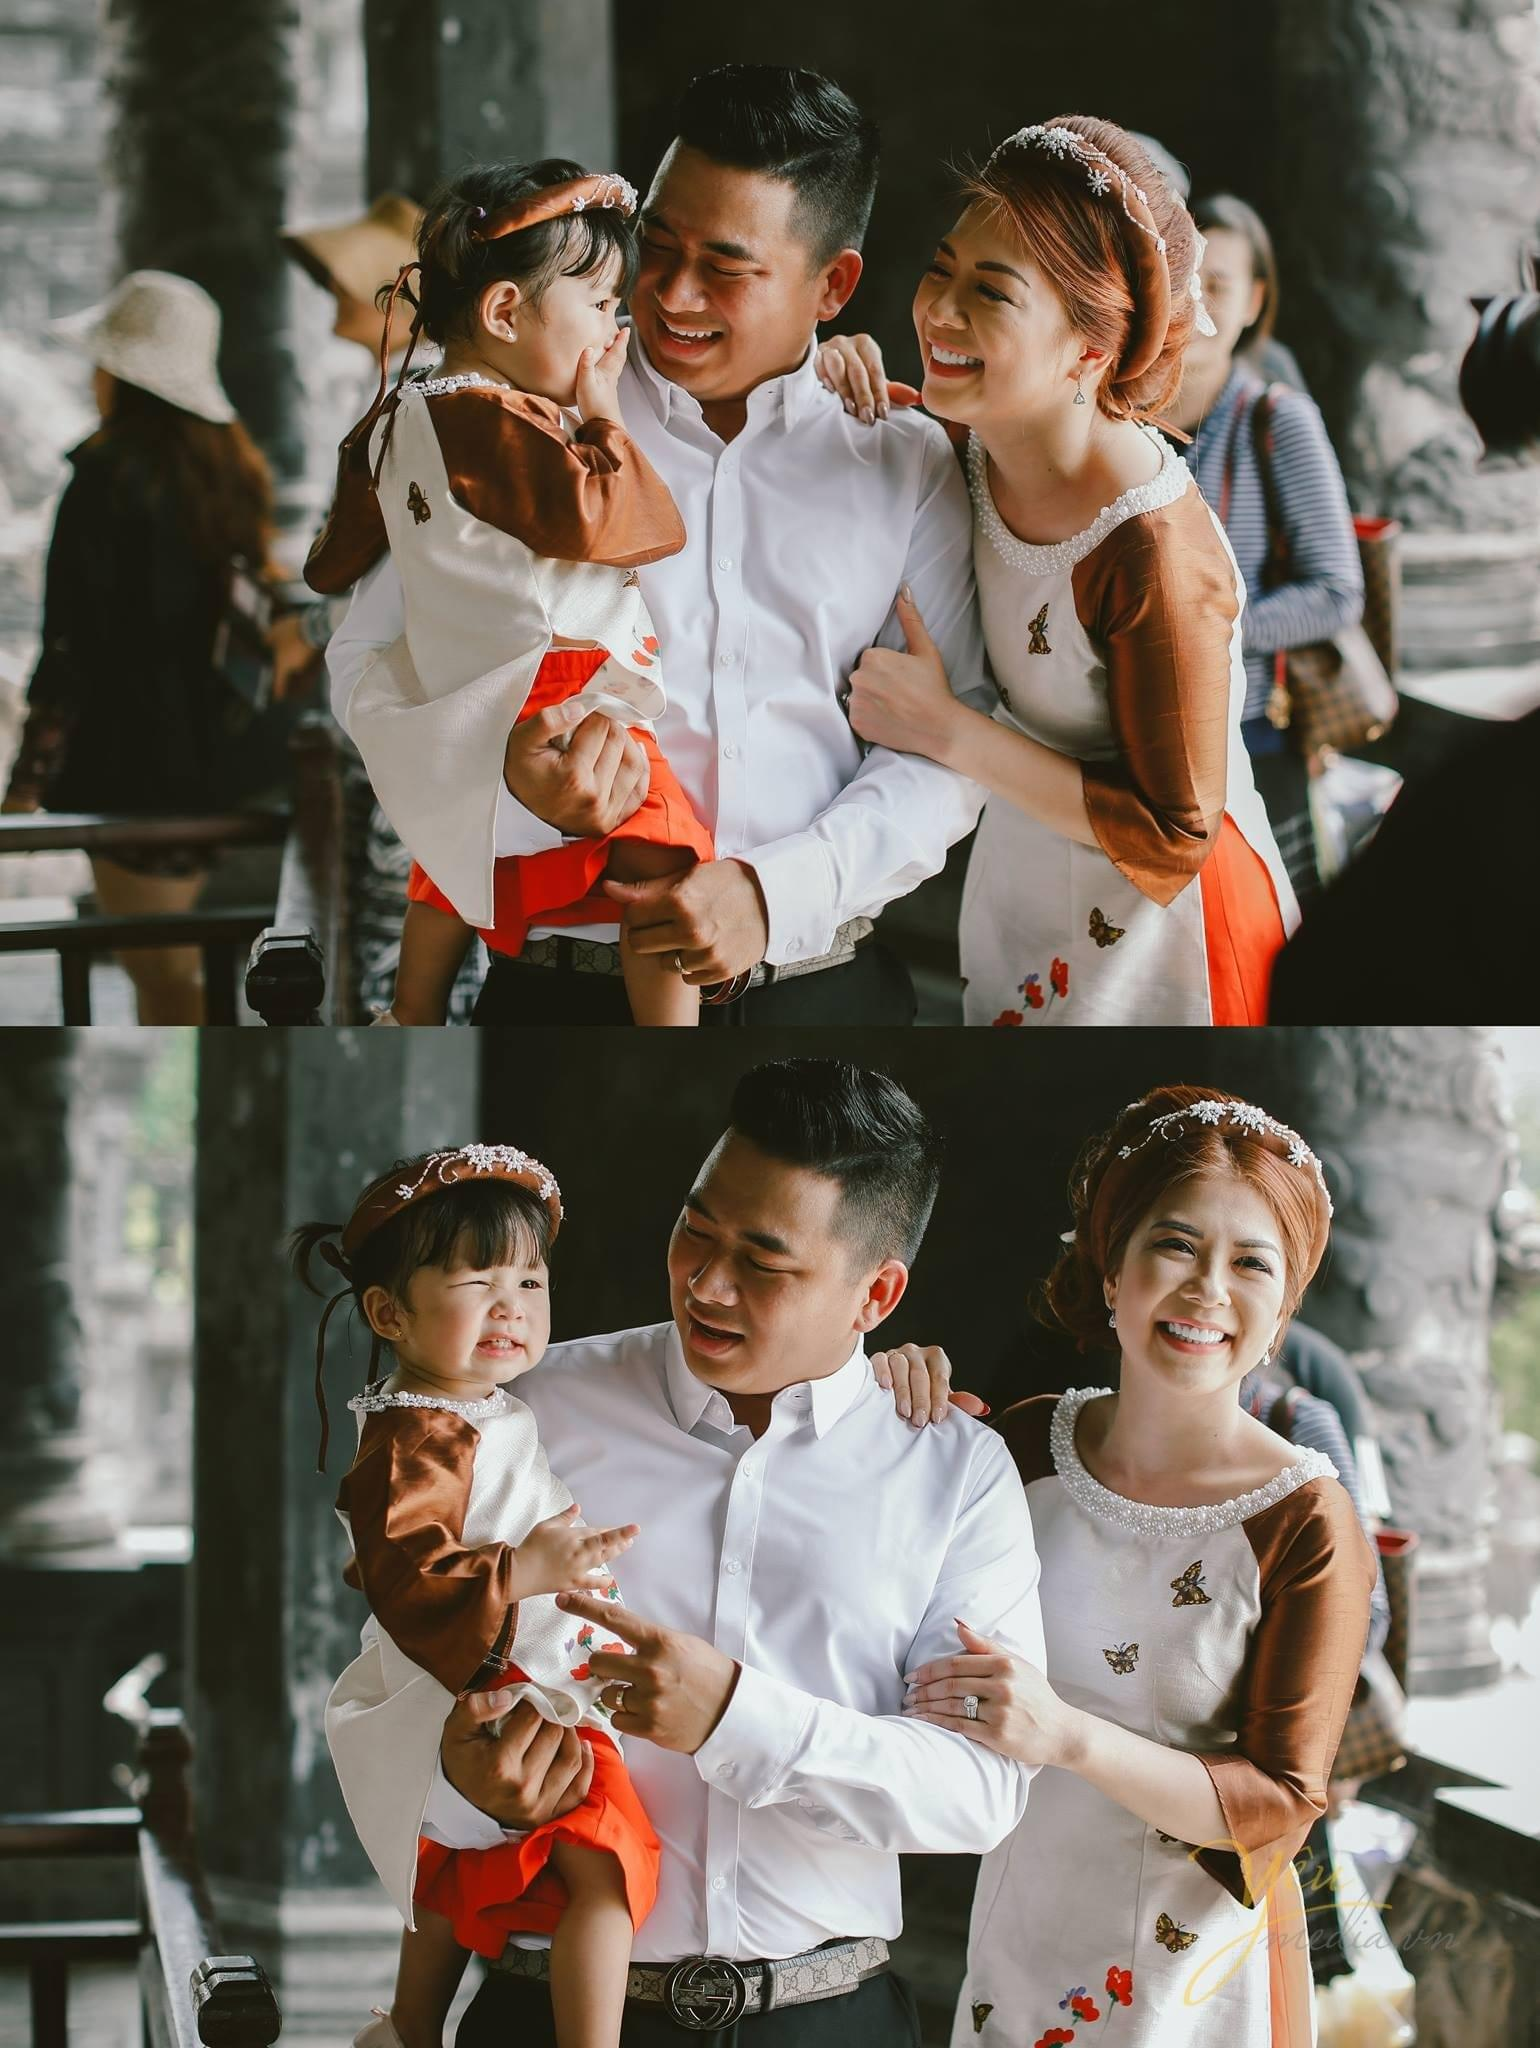 ảnh kỷ niệm cưới bố mẹ cười hạnh phúc bế con gái nhỏ